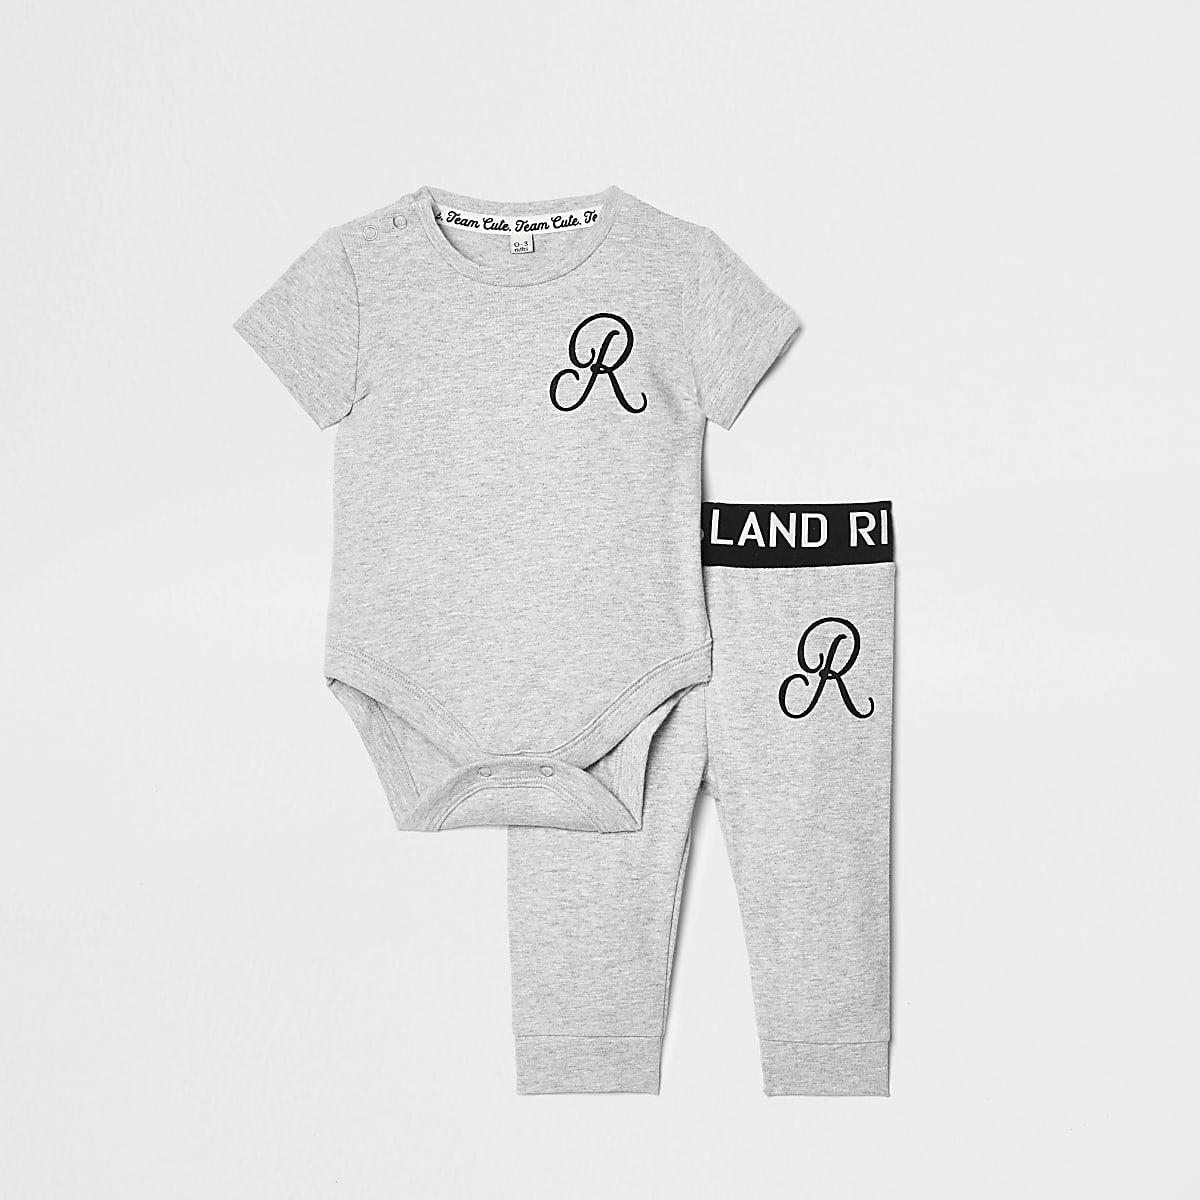 Grijze RI bodysuit en legging outfit voor baby's